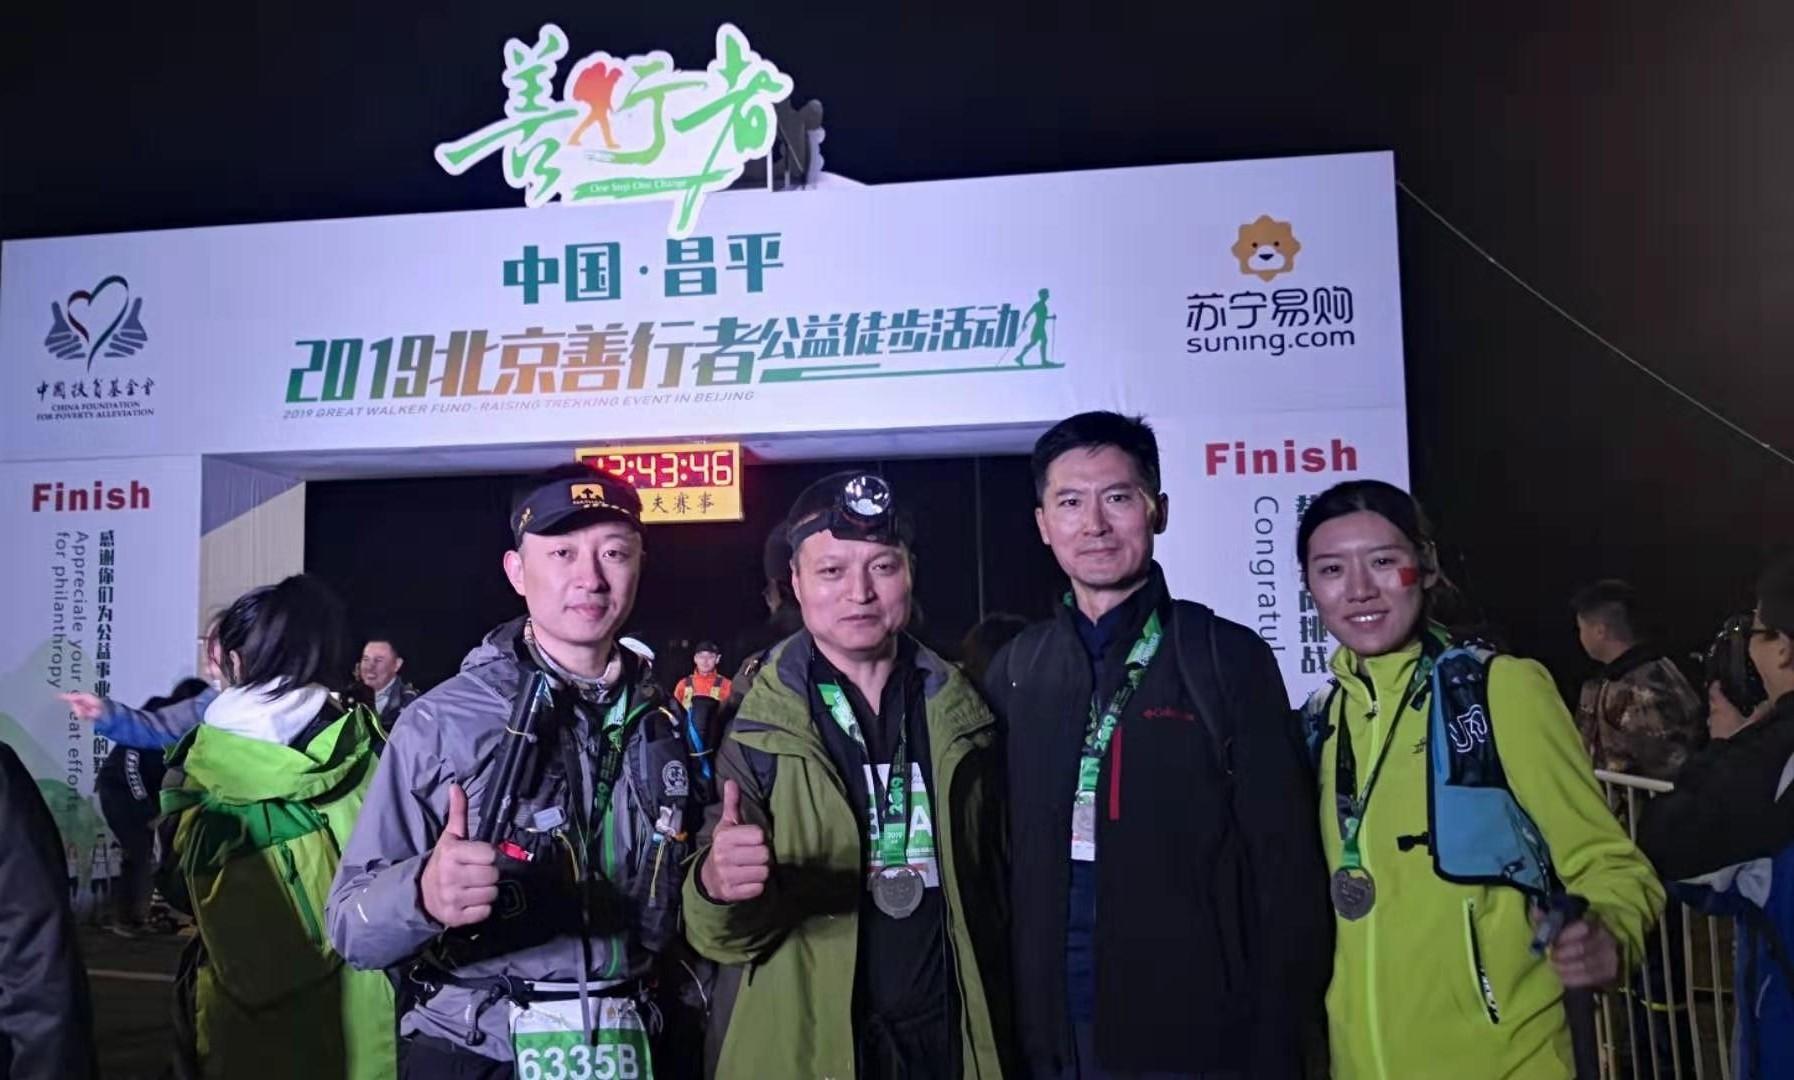 为公益挑战徒步50公里,杨宇军12小时完成